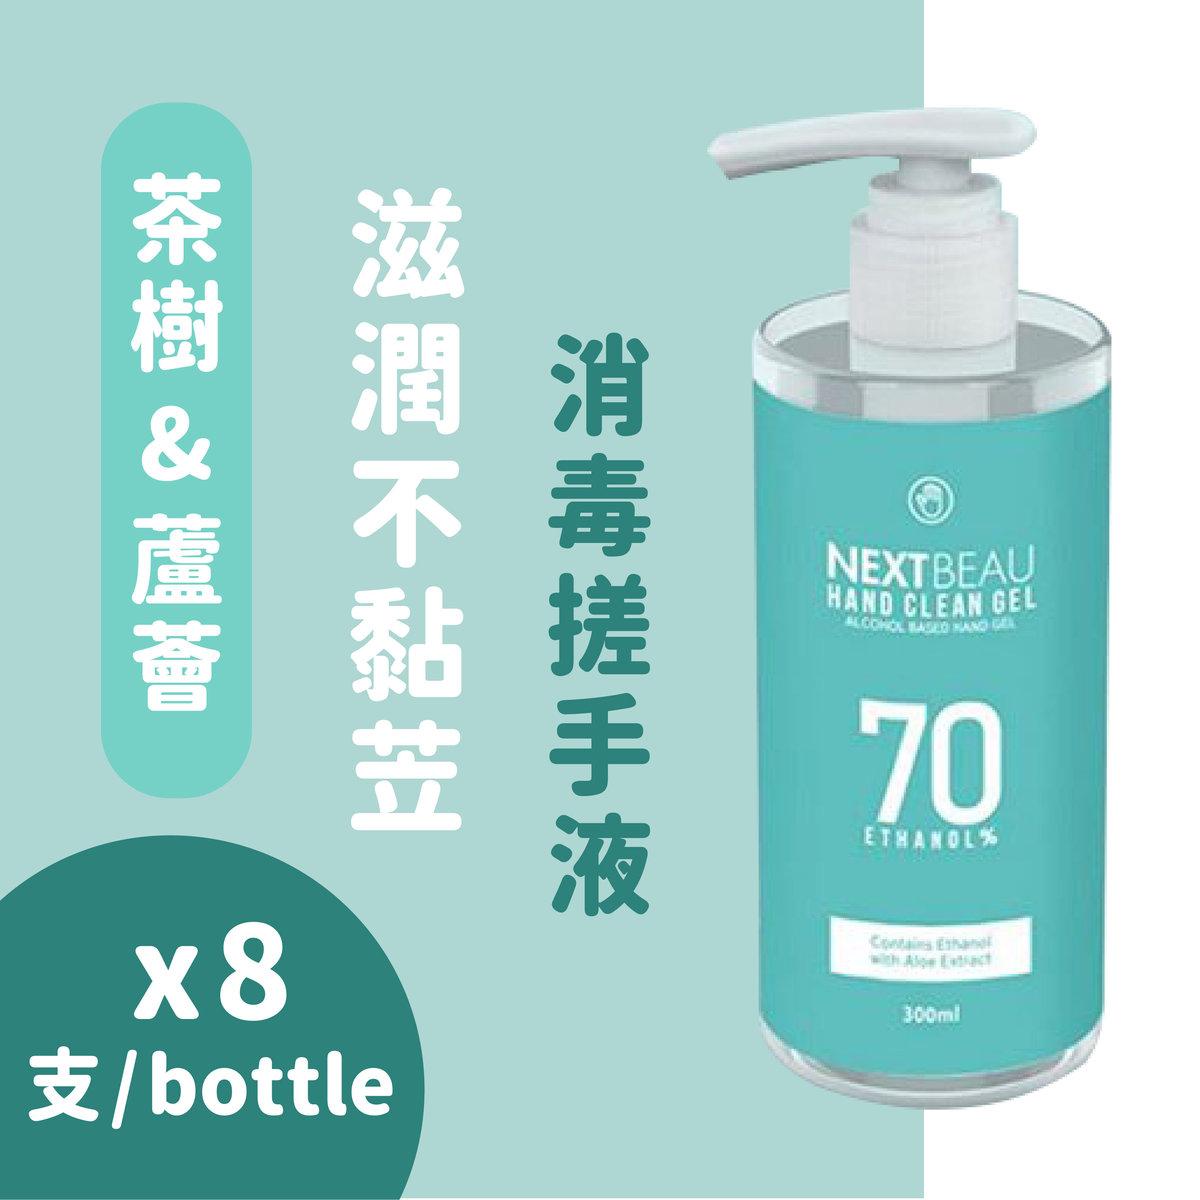 70%酒精 免沖洗蘆薈搓手啫喱搓手液 300ml (綠色)(平行進口)【x8支】